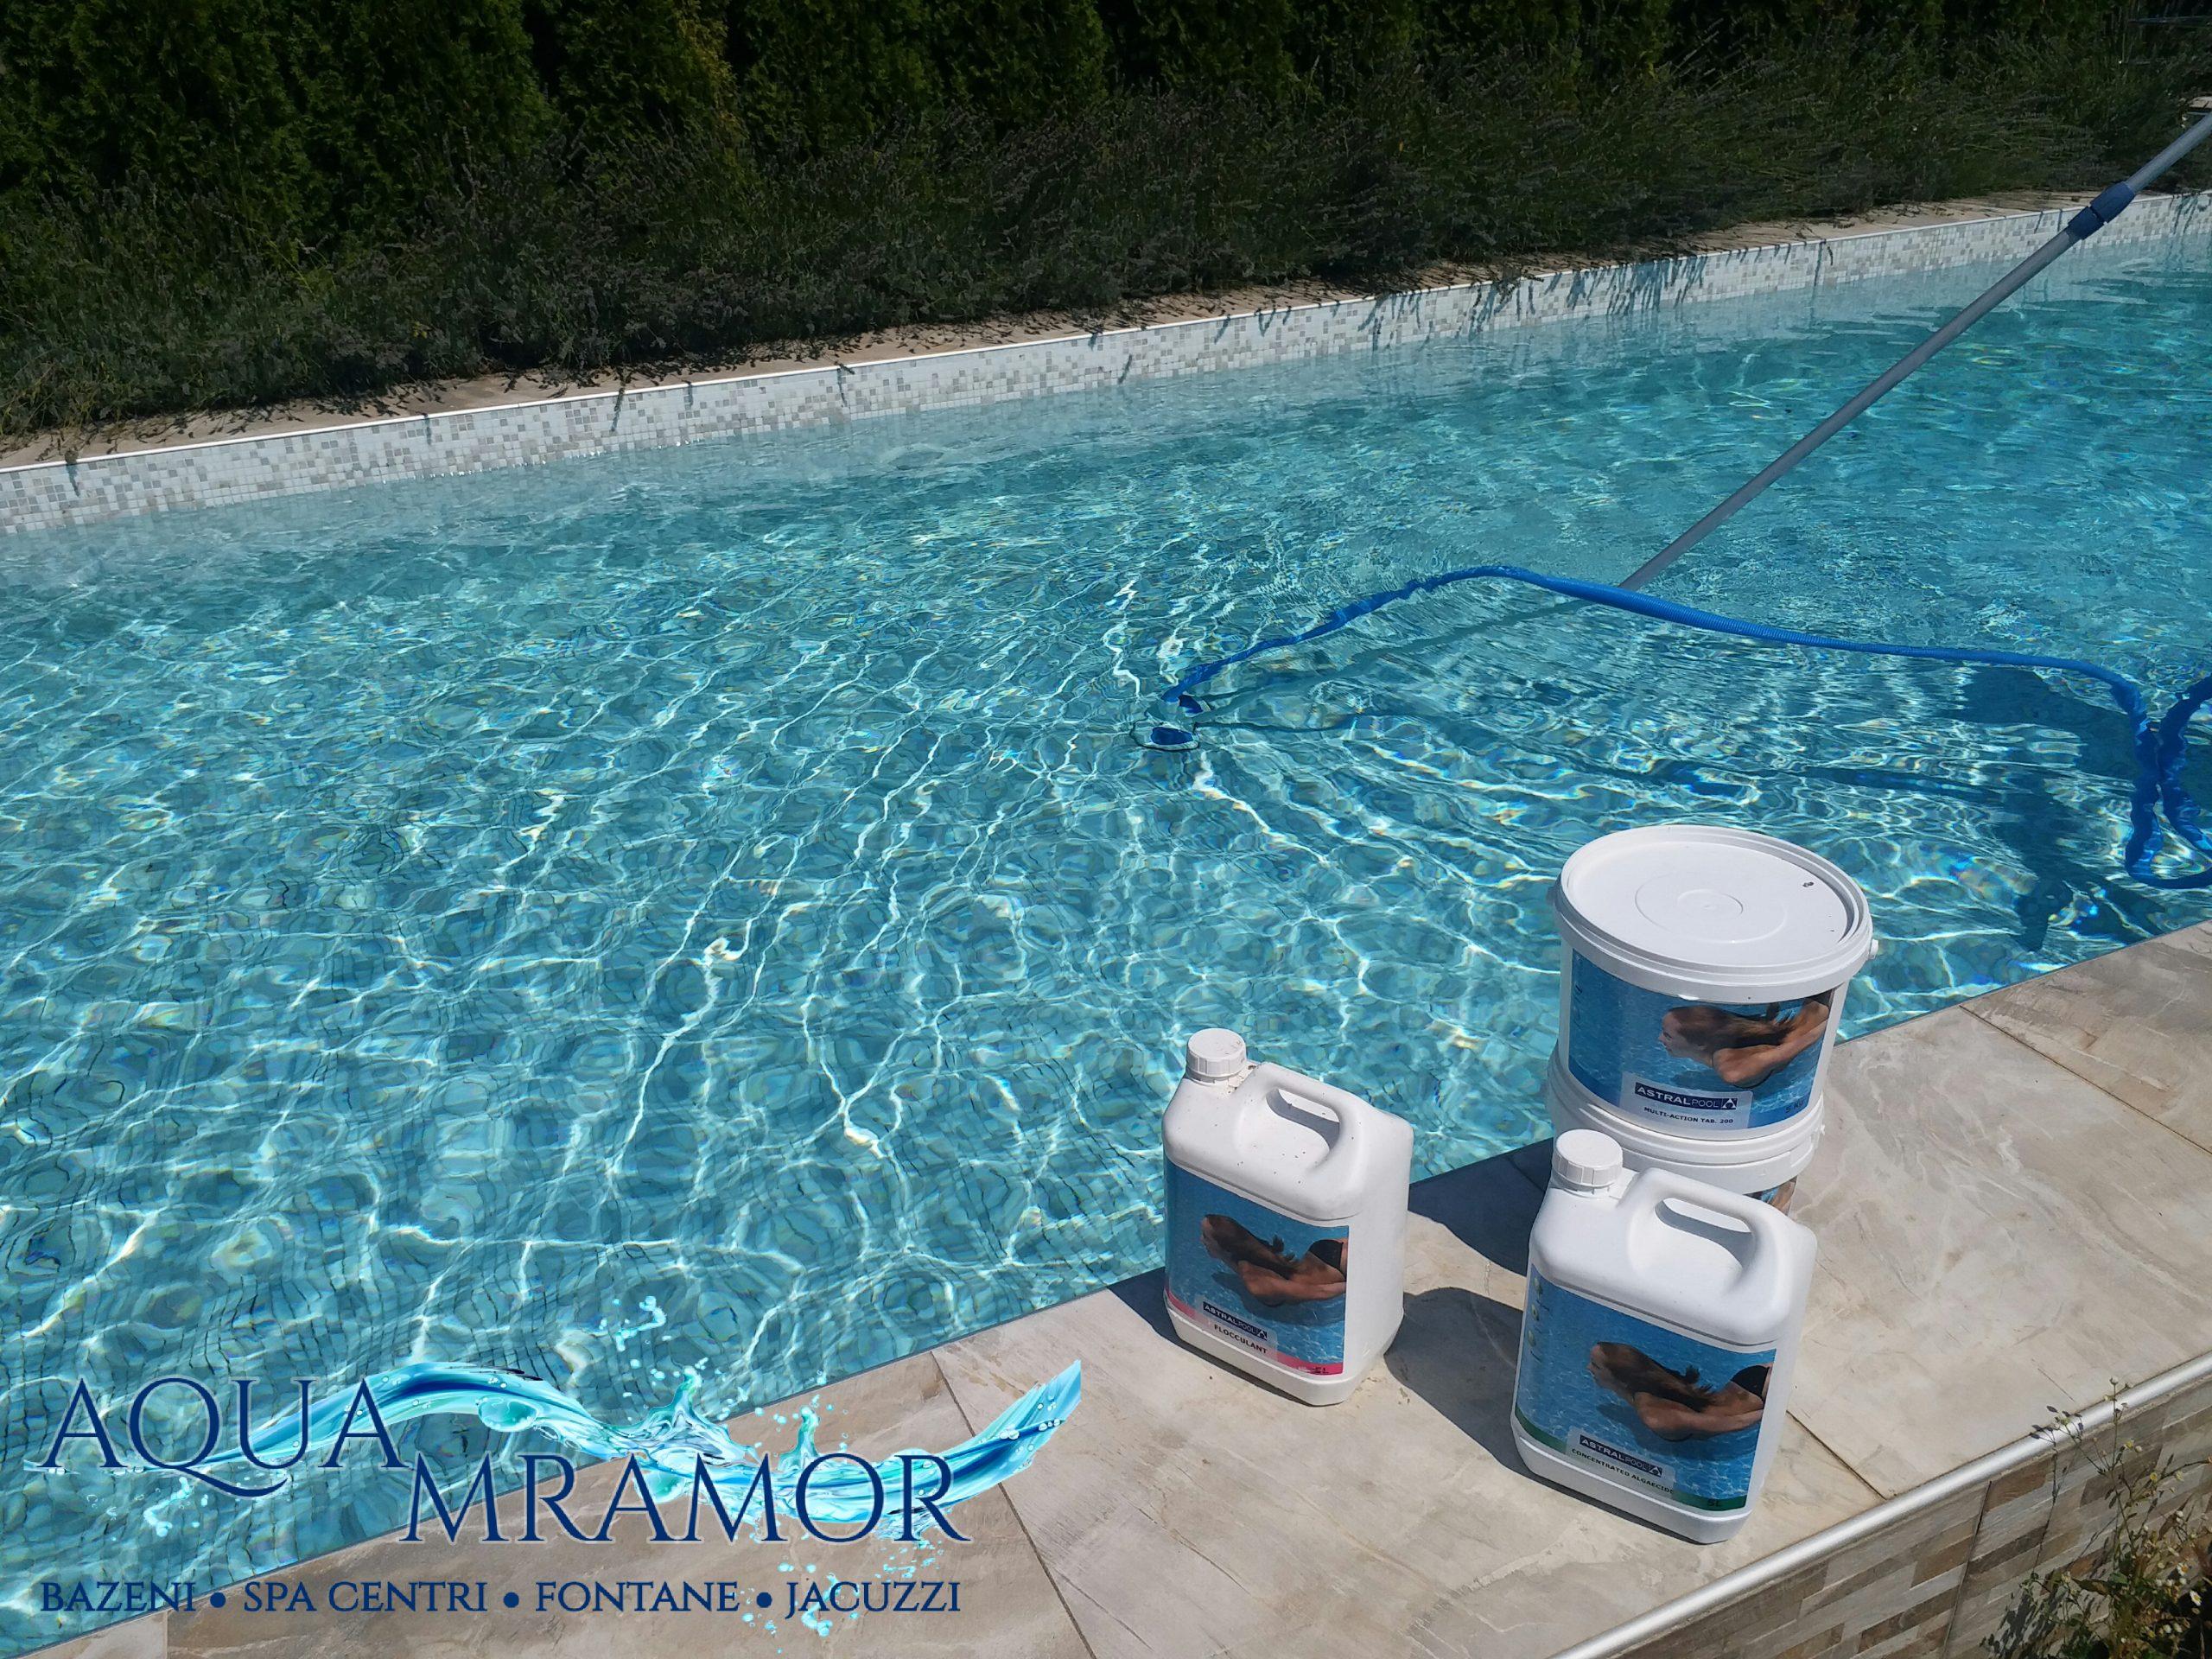 Aqua Mramor - Hemija za bazene